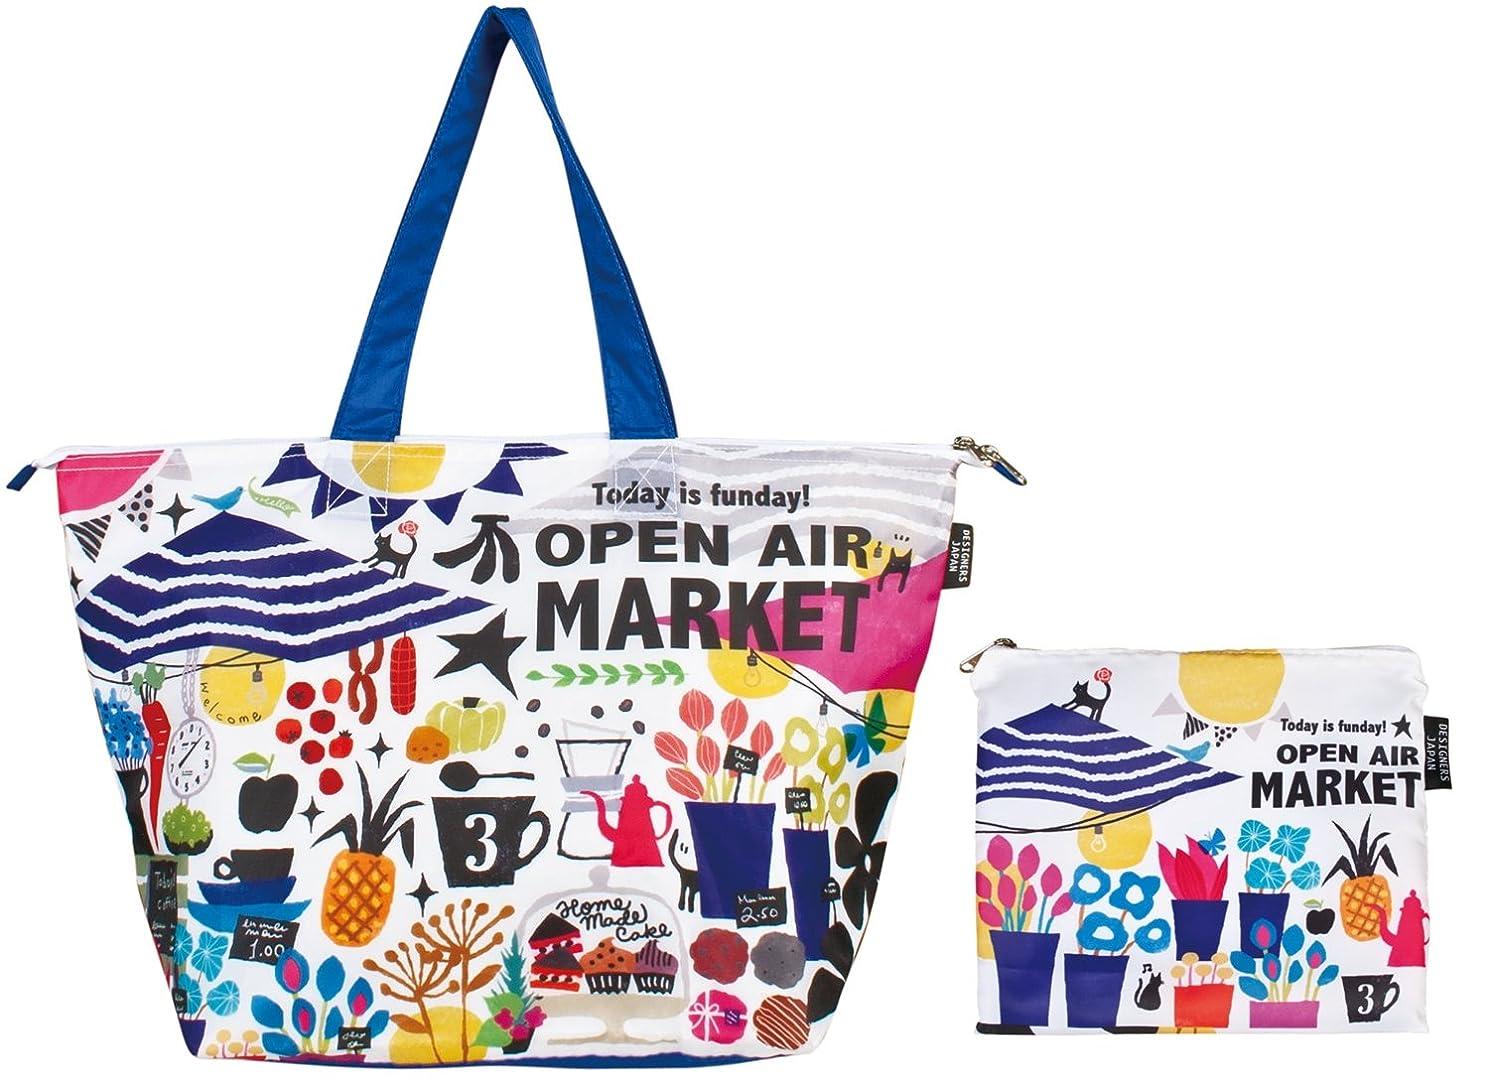 むしろ極小突き出すプレーリー エコバッグ デザイナーズコラボ ショッピングバッグ(簡易保冷機能付) open air market(中村メグミ) DJH-002N